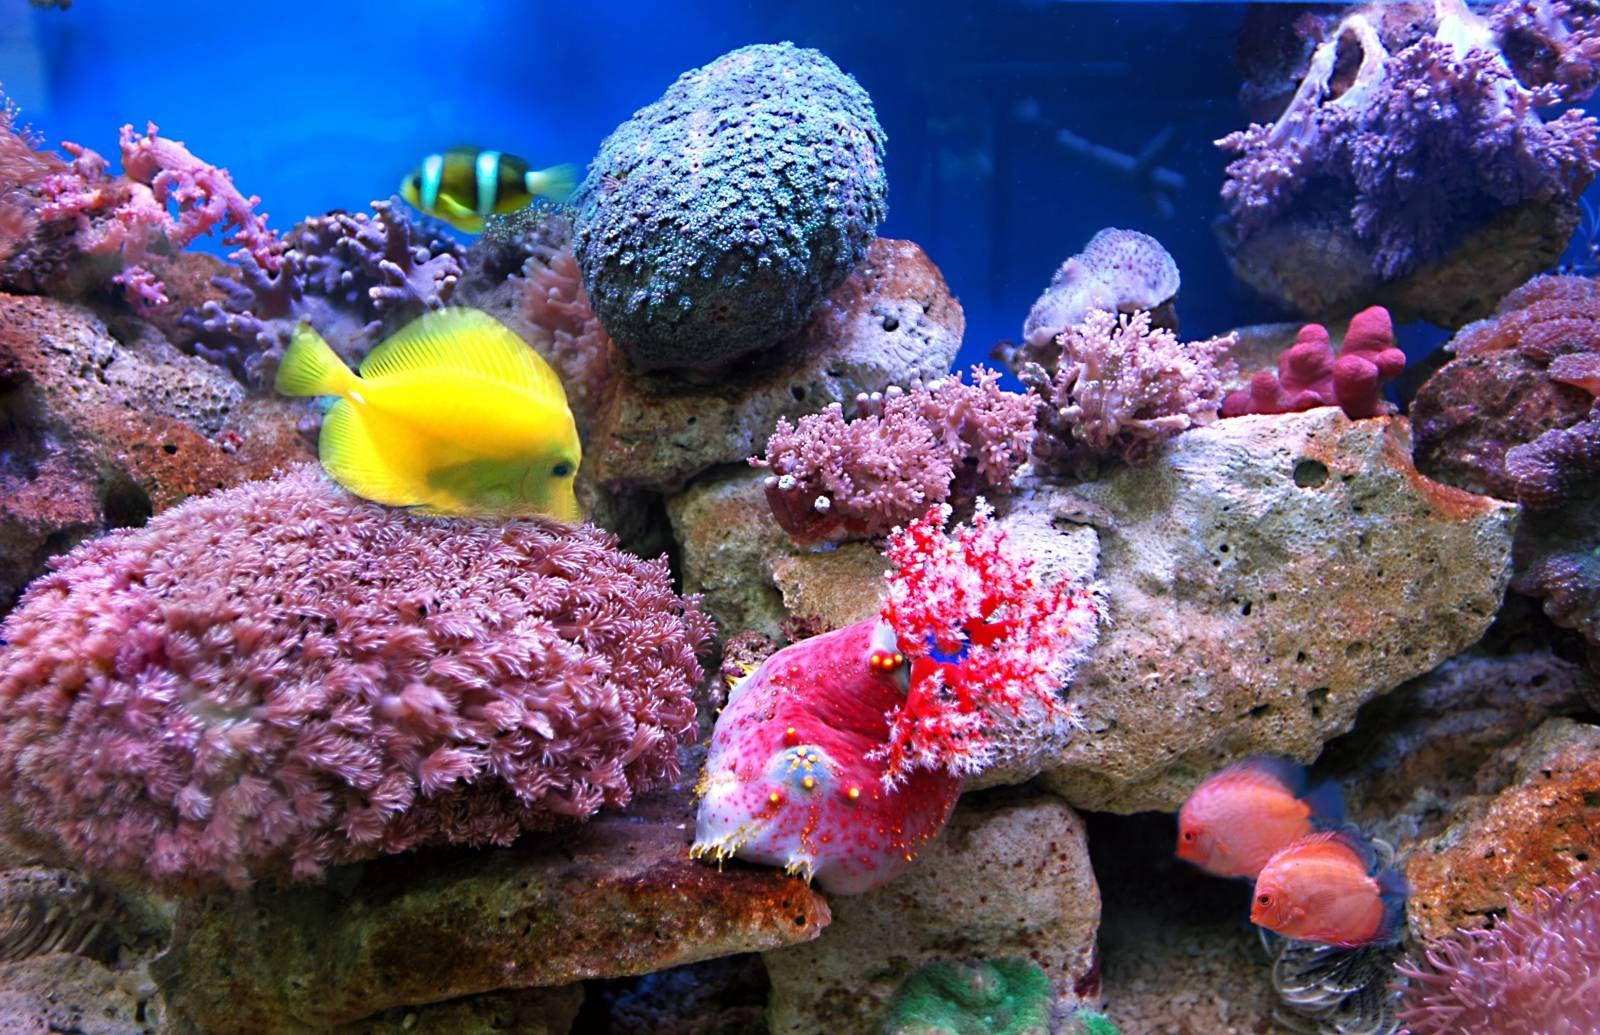 صور سمك 2017 ملون احلي الوان اسماك الزينة ميكساتك Beautiful Fish Sea Creatures Fish